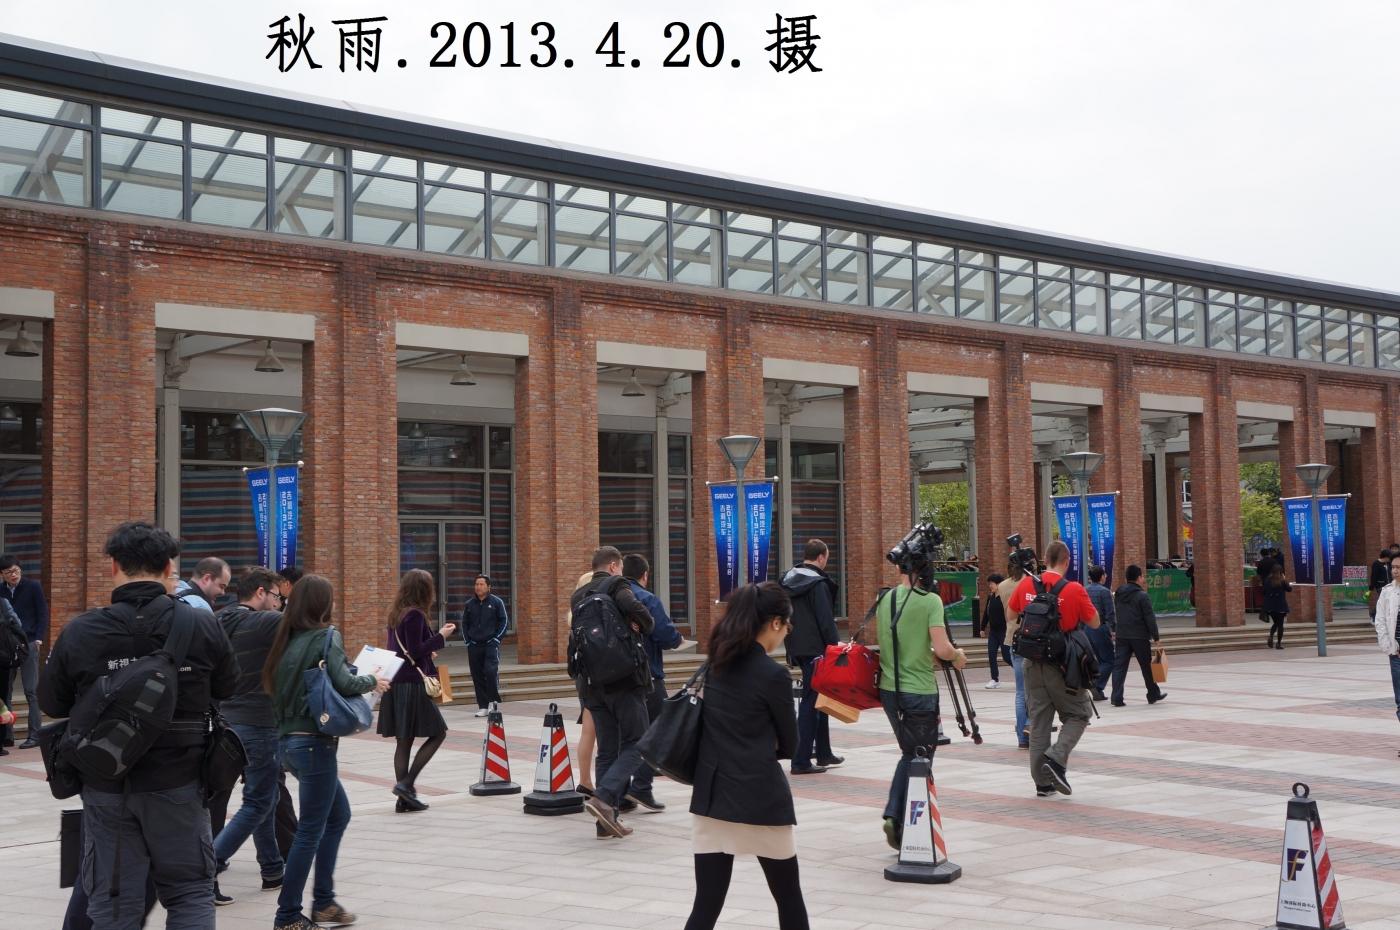 上海国际时尚中心,原国棉十七厂旧址(1),修旧如旧。摄影原创。 ..._图1-17